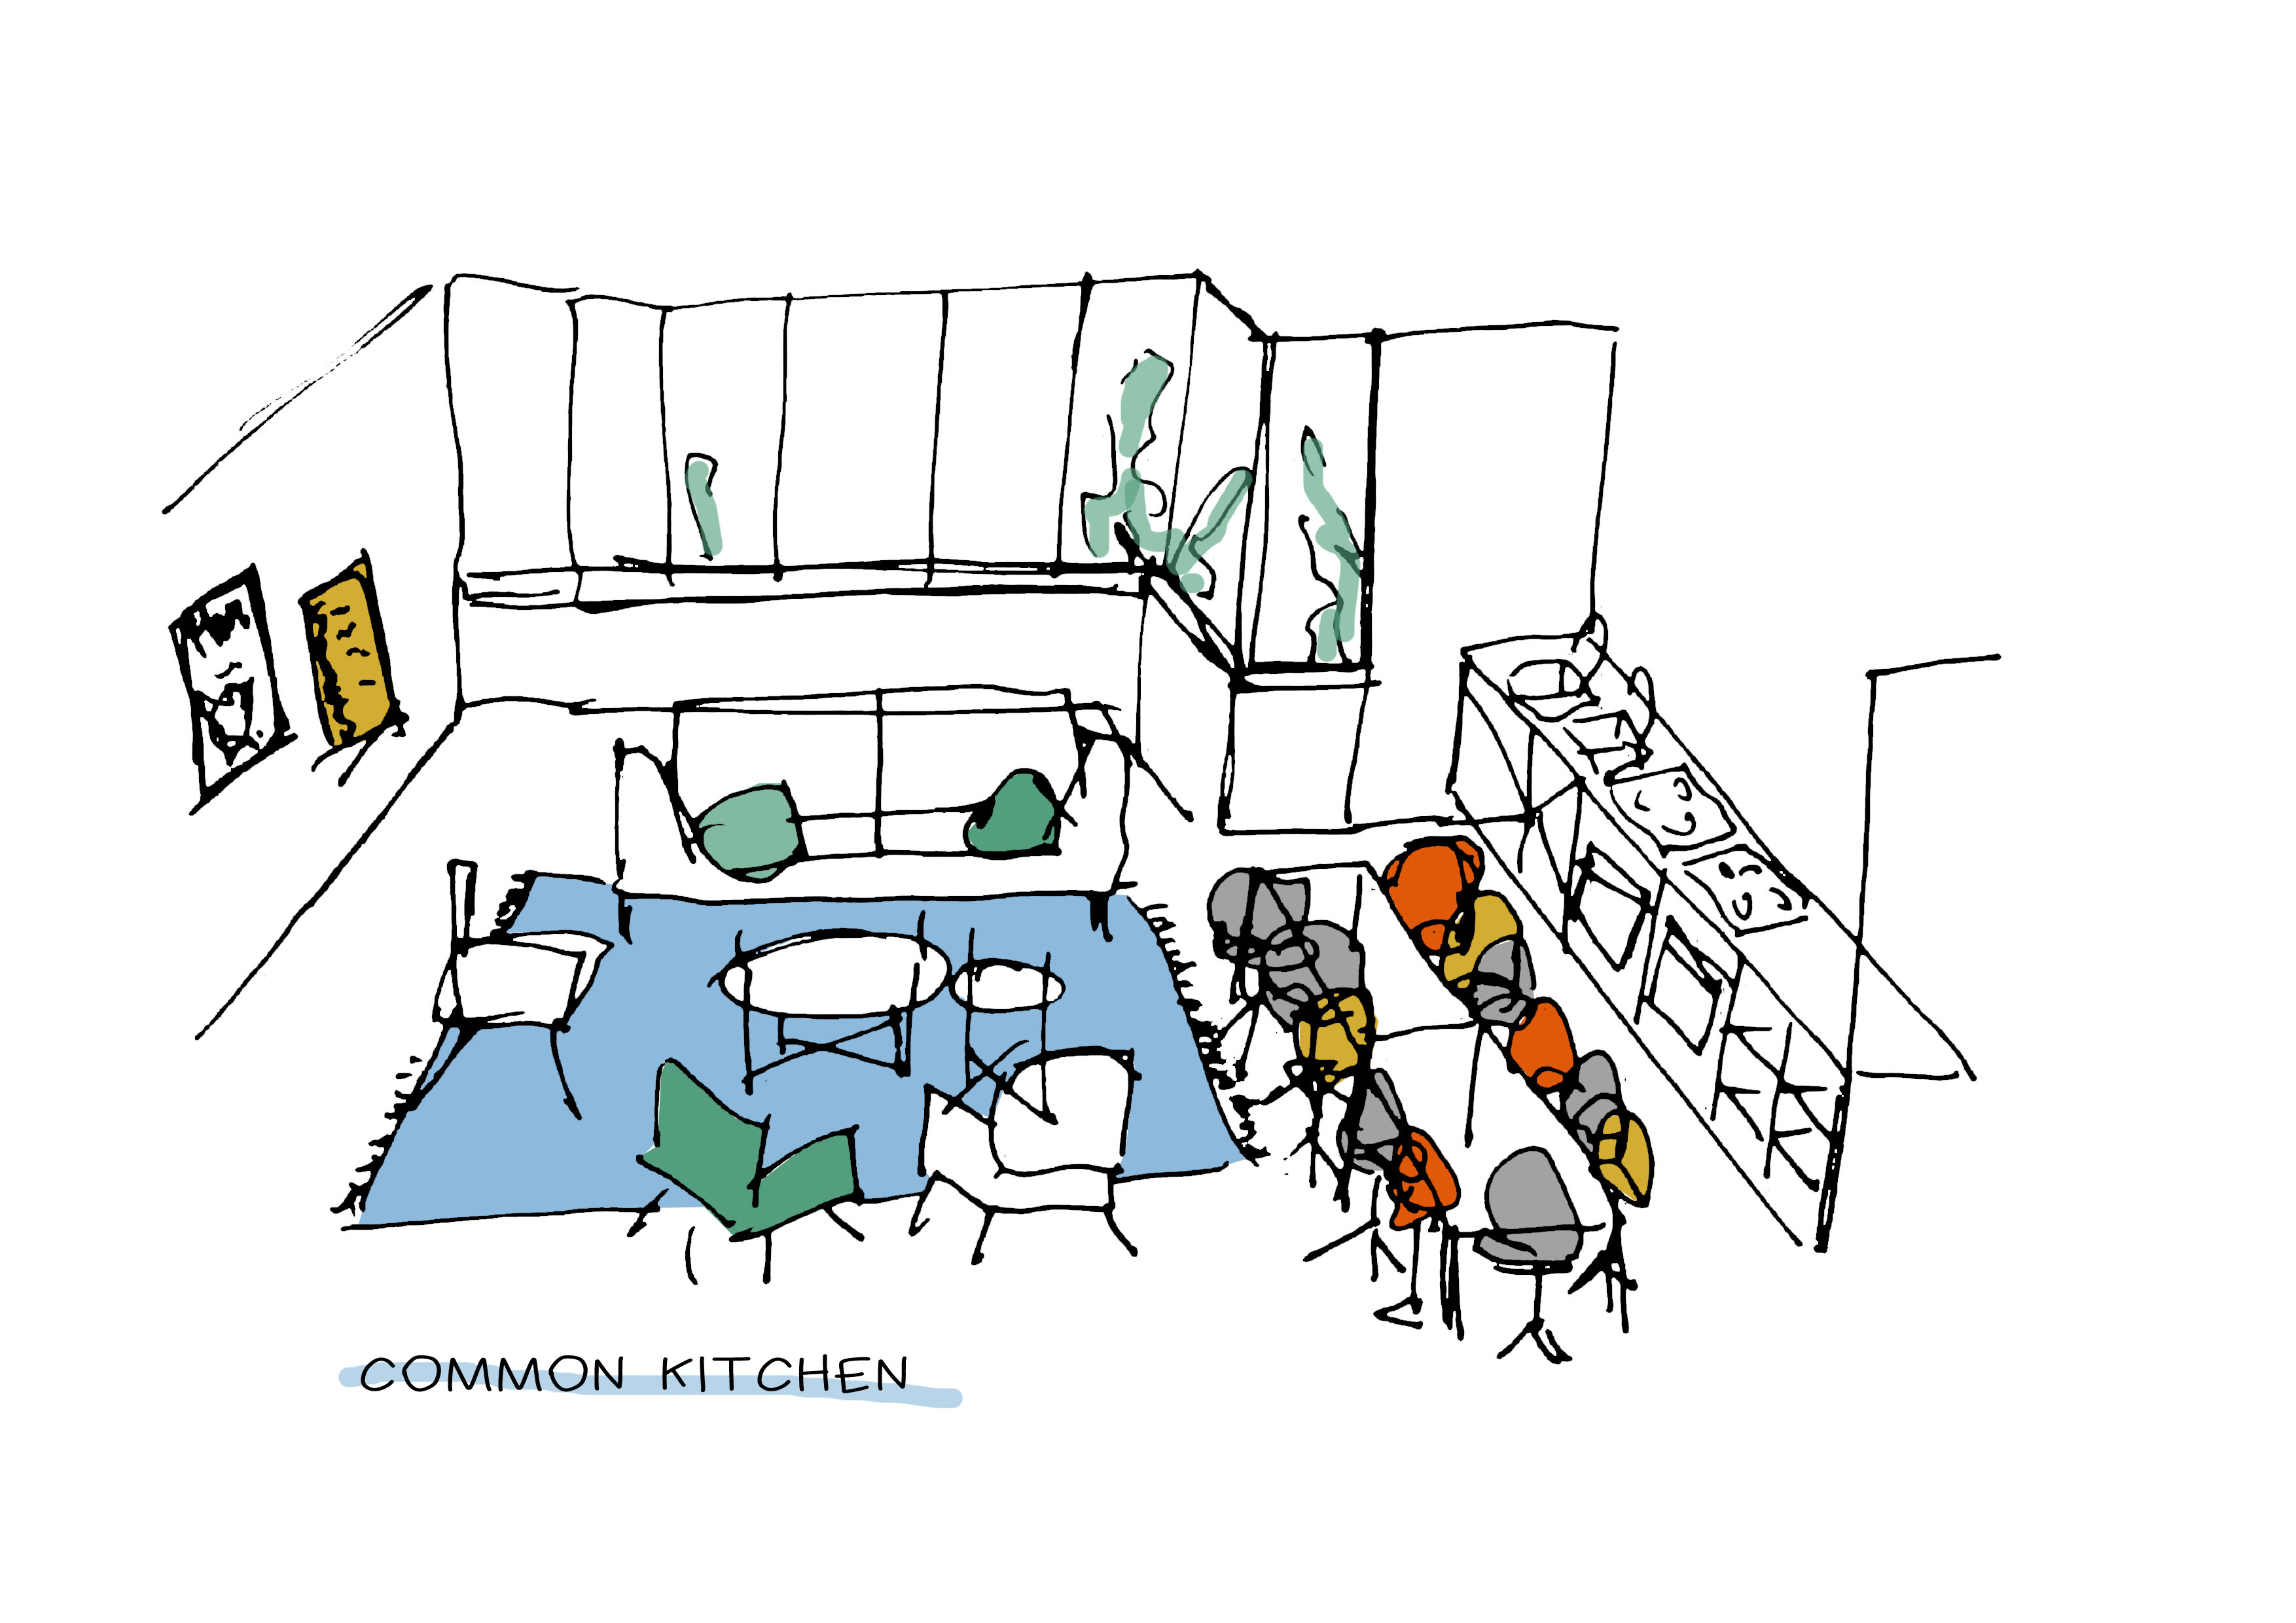 gemeenschappelijke ruimtes voor de studenten